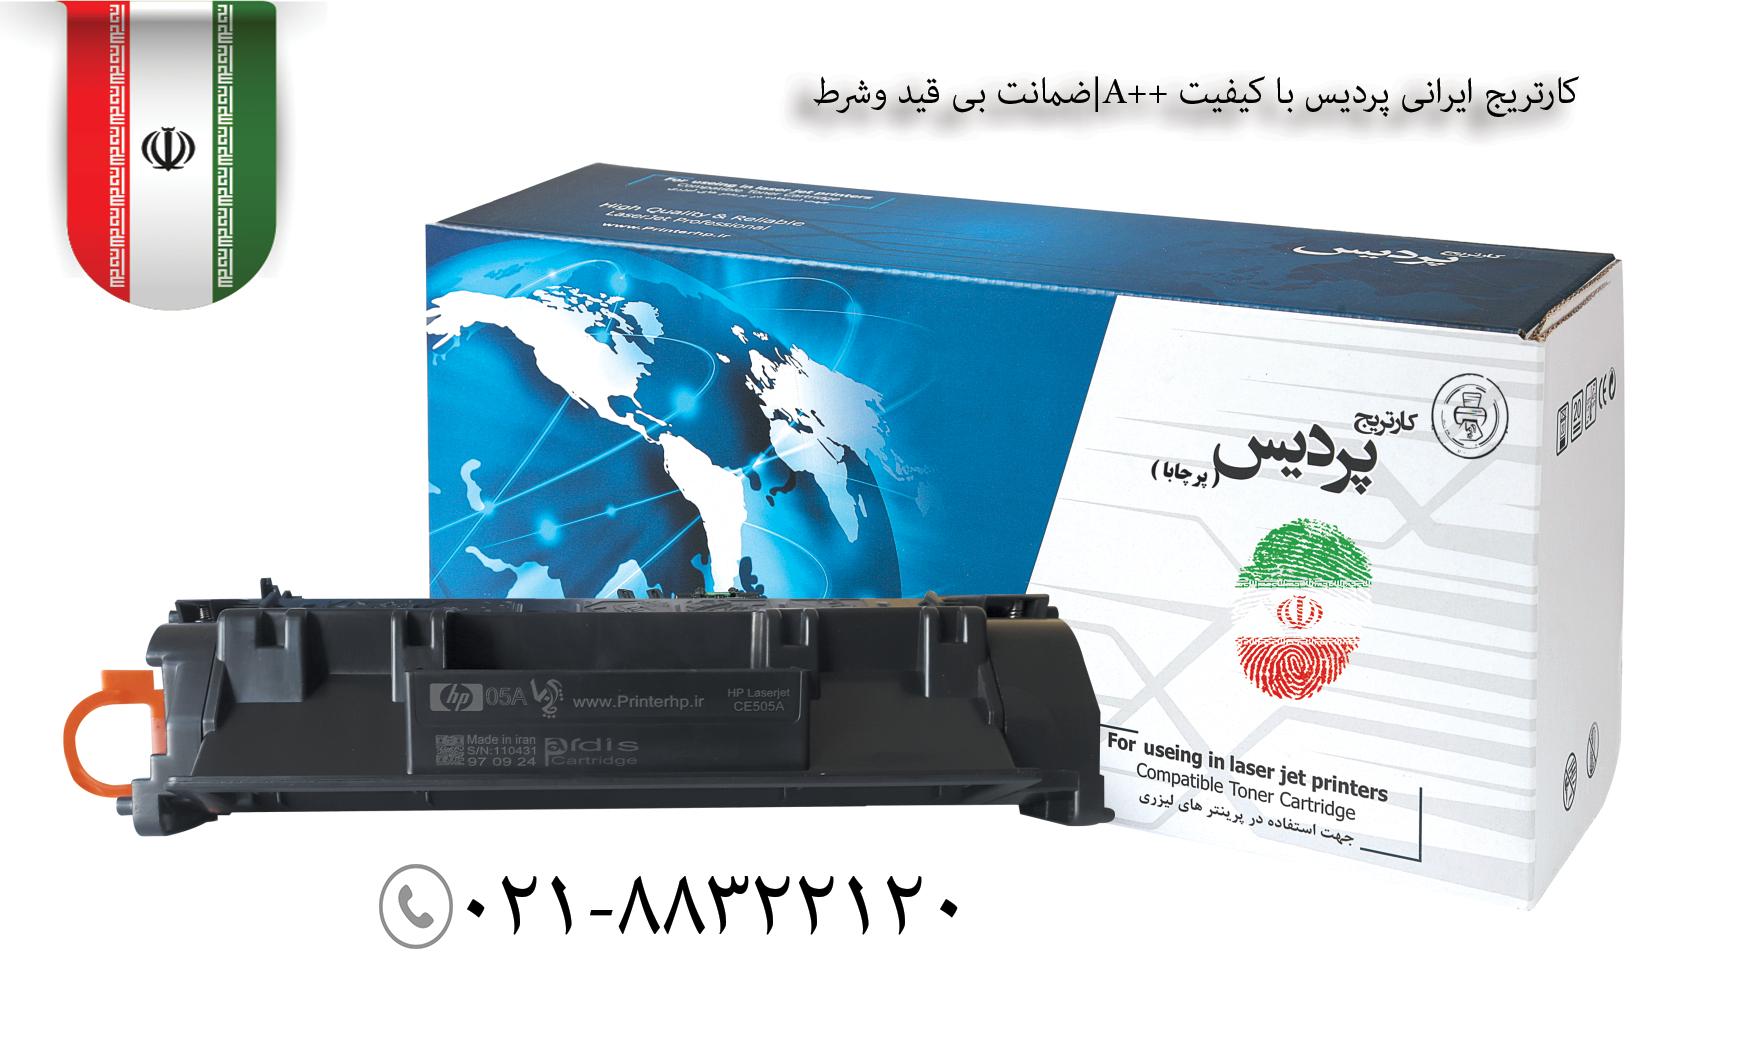 خرید کارتریج ایرانی پردیس